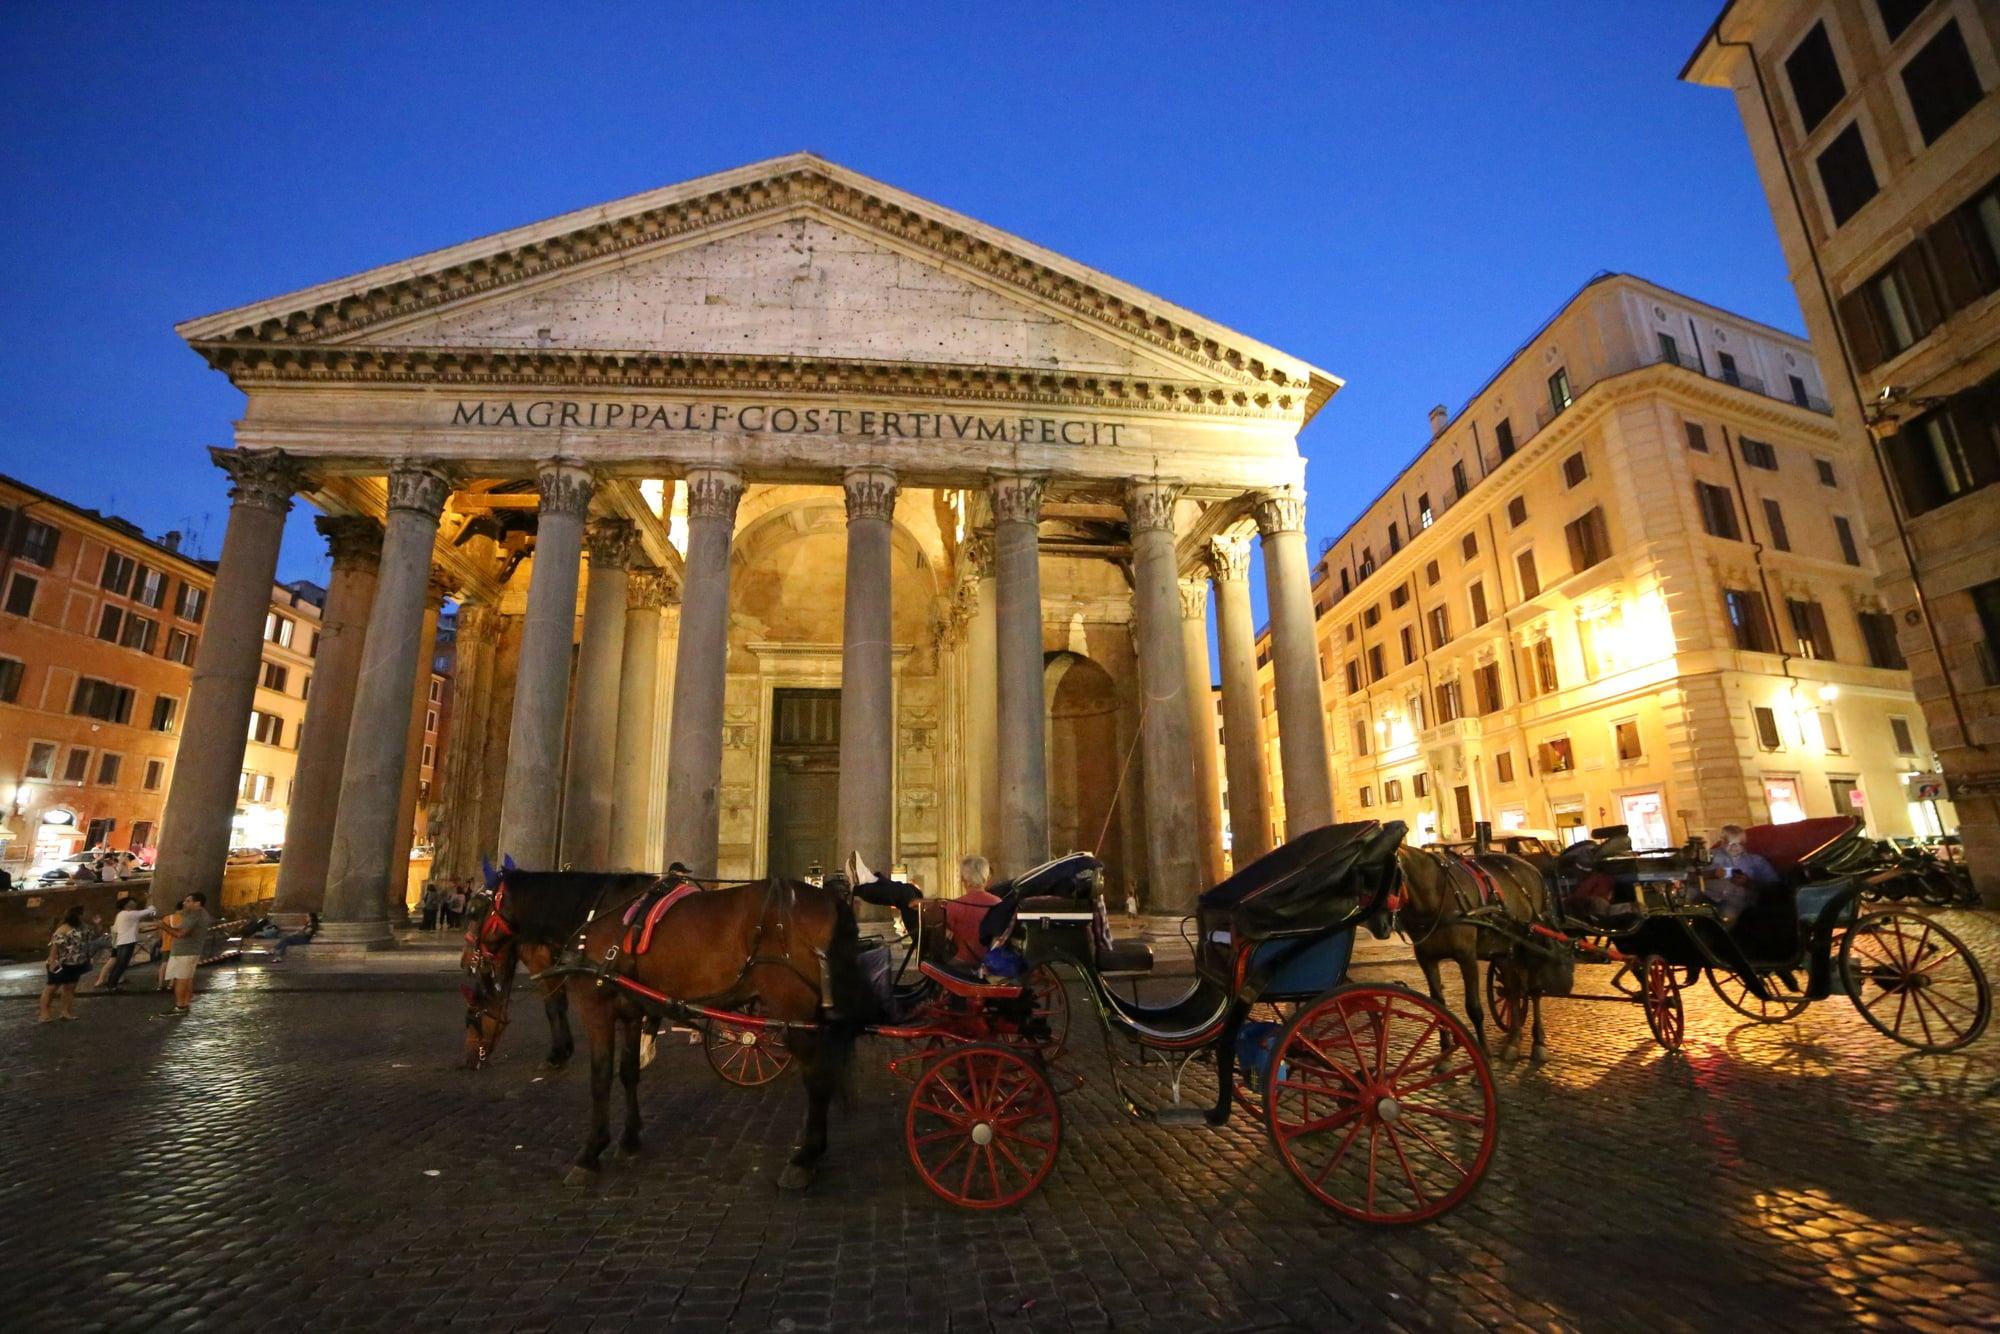 Short tour of the Pantheon